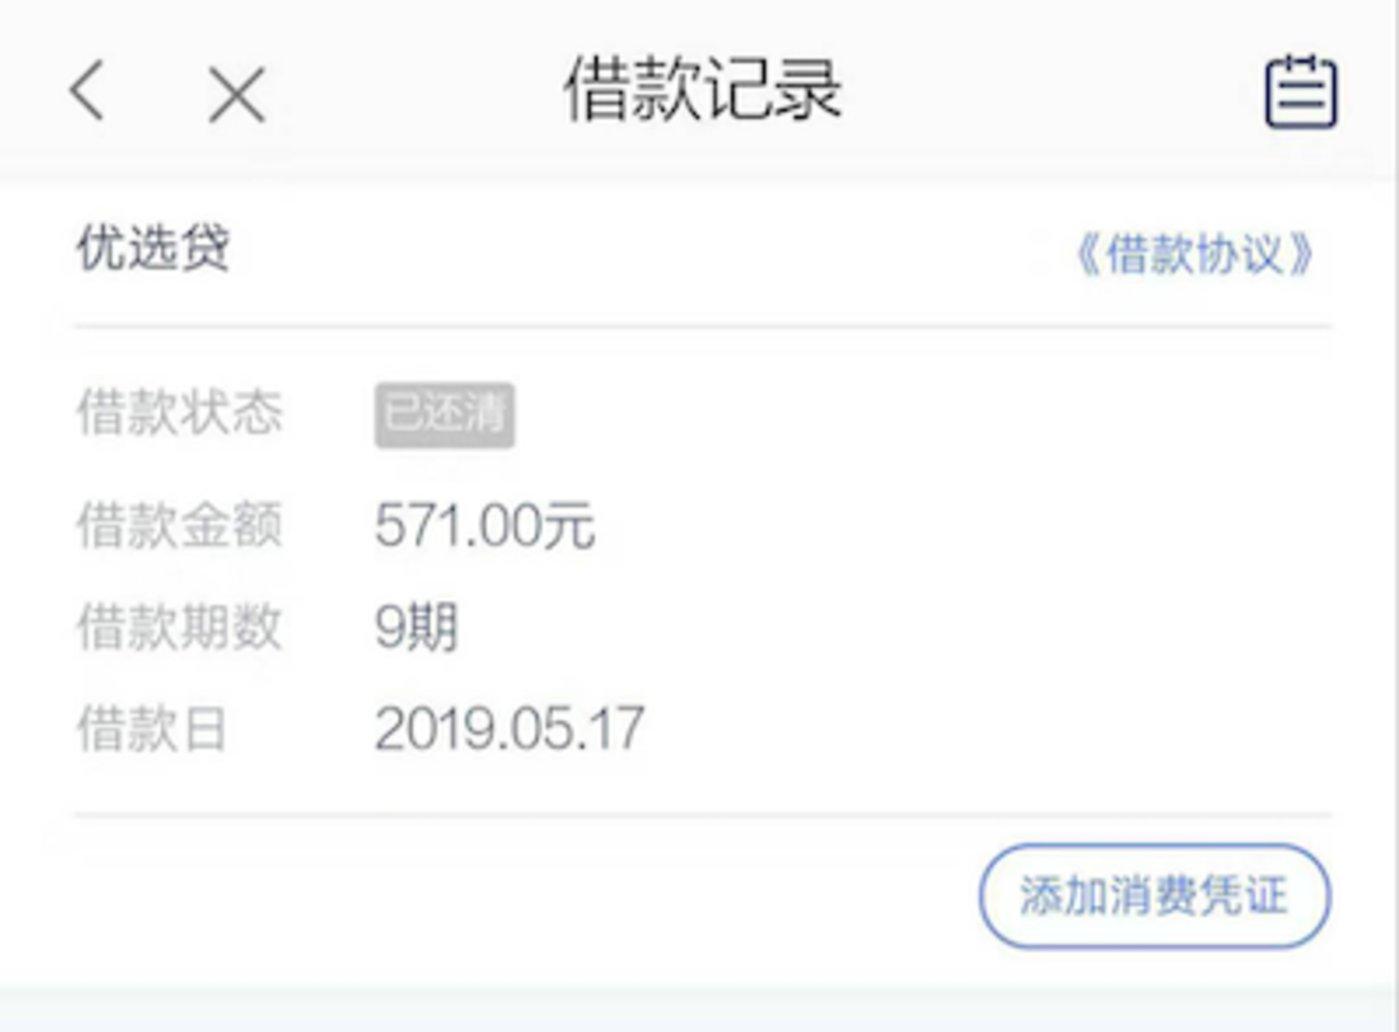 「金帝娱乐场首页」薅羊毛!杭州两夫妻一口气开了十多家网店,骗了42万平台补贴